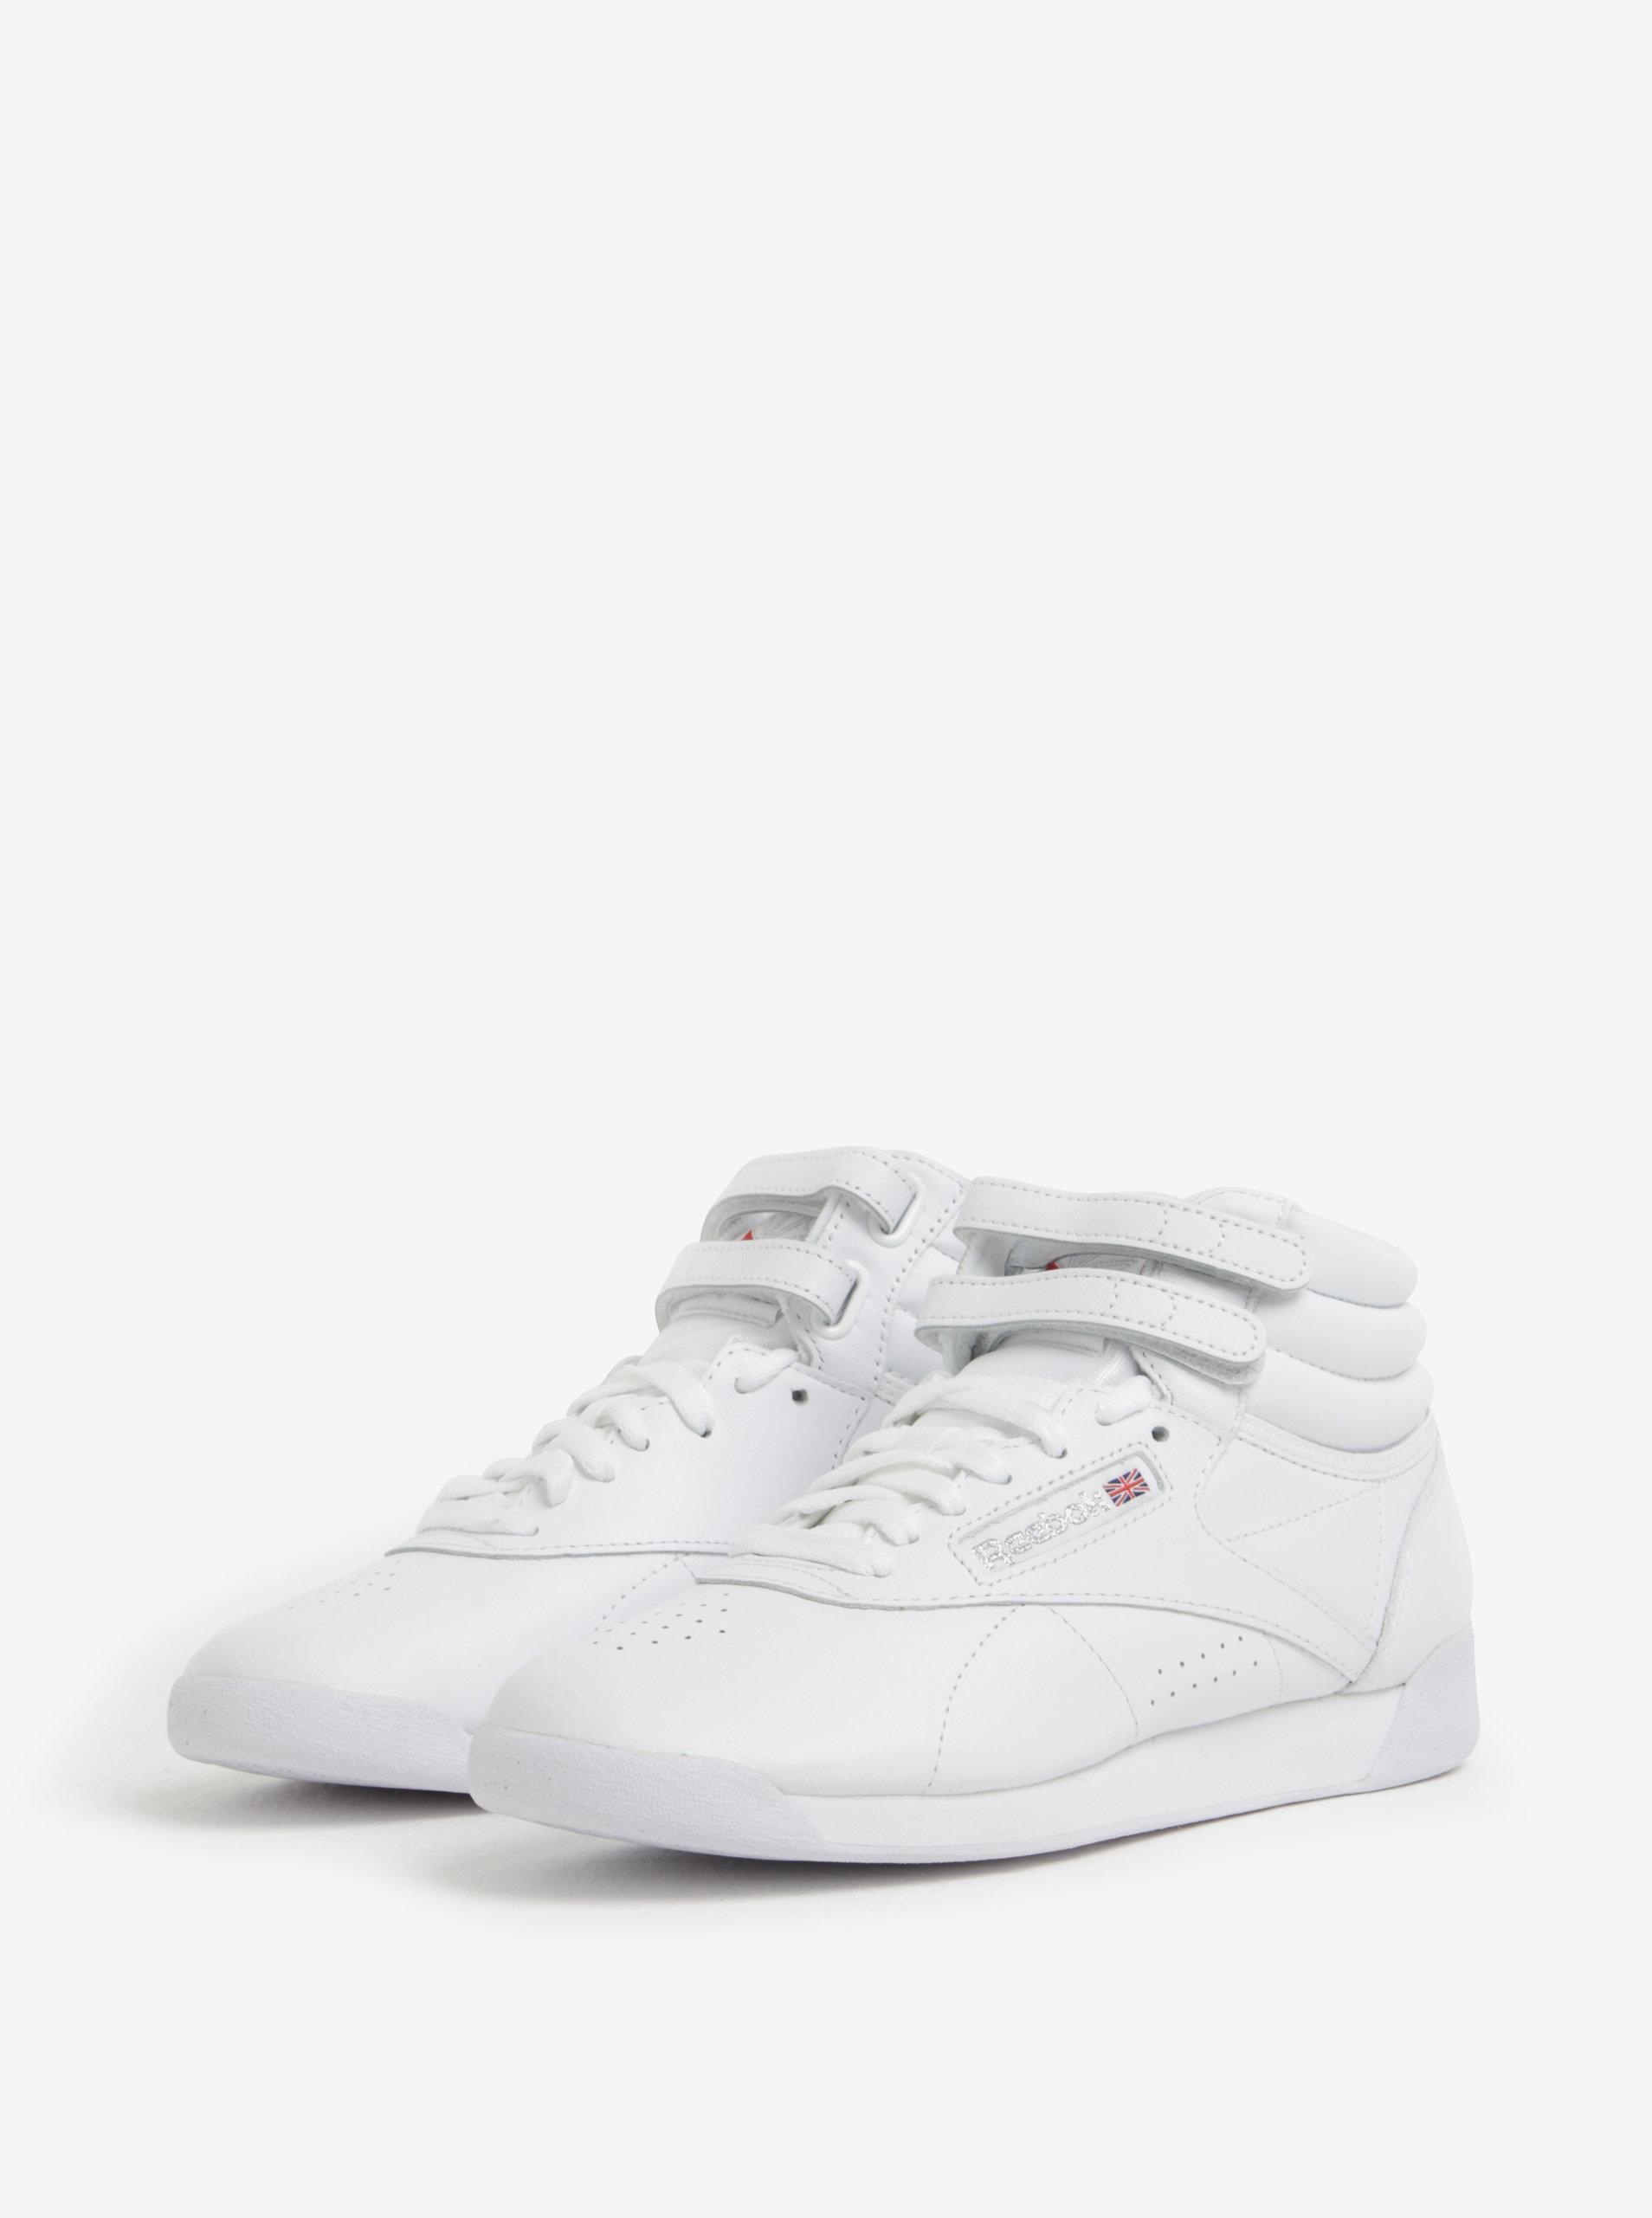 976fc0deeb66 Biele dámske kožené členkové tenisky s prackou Reebok ...